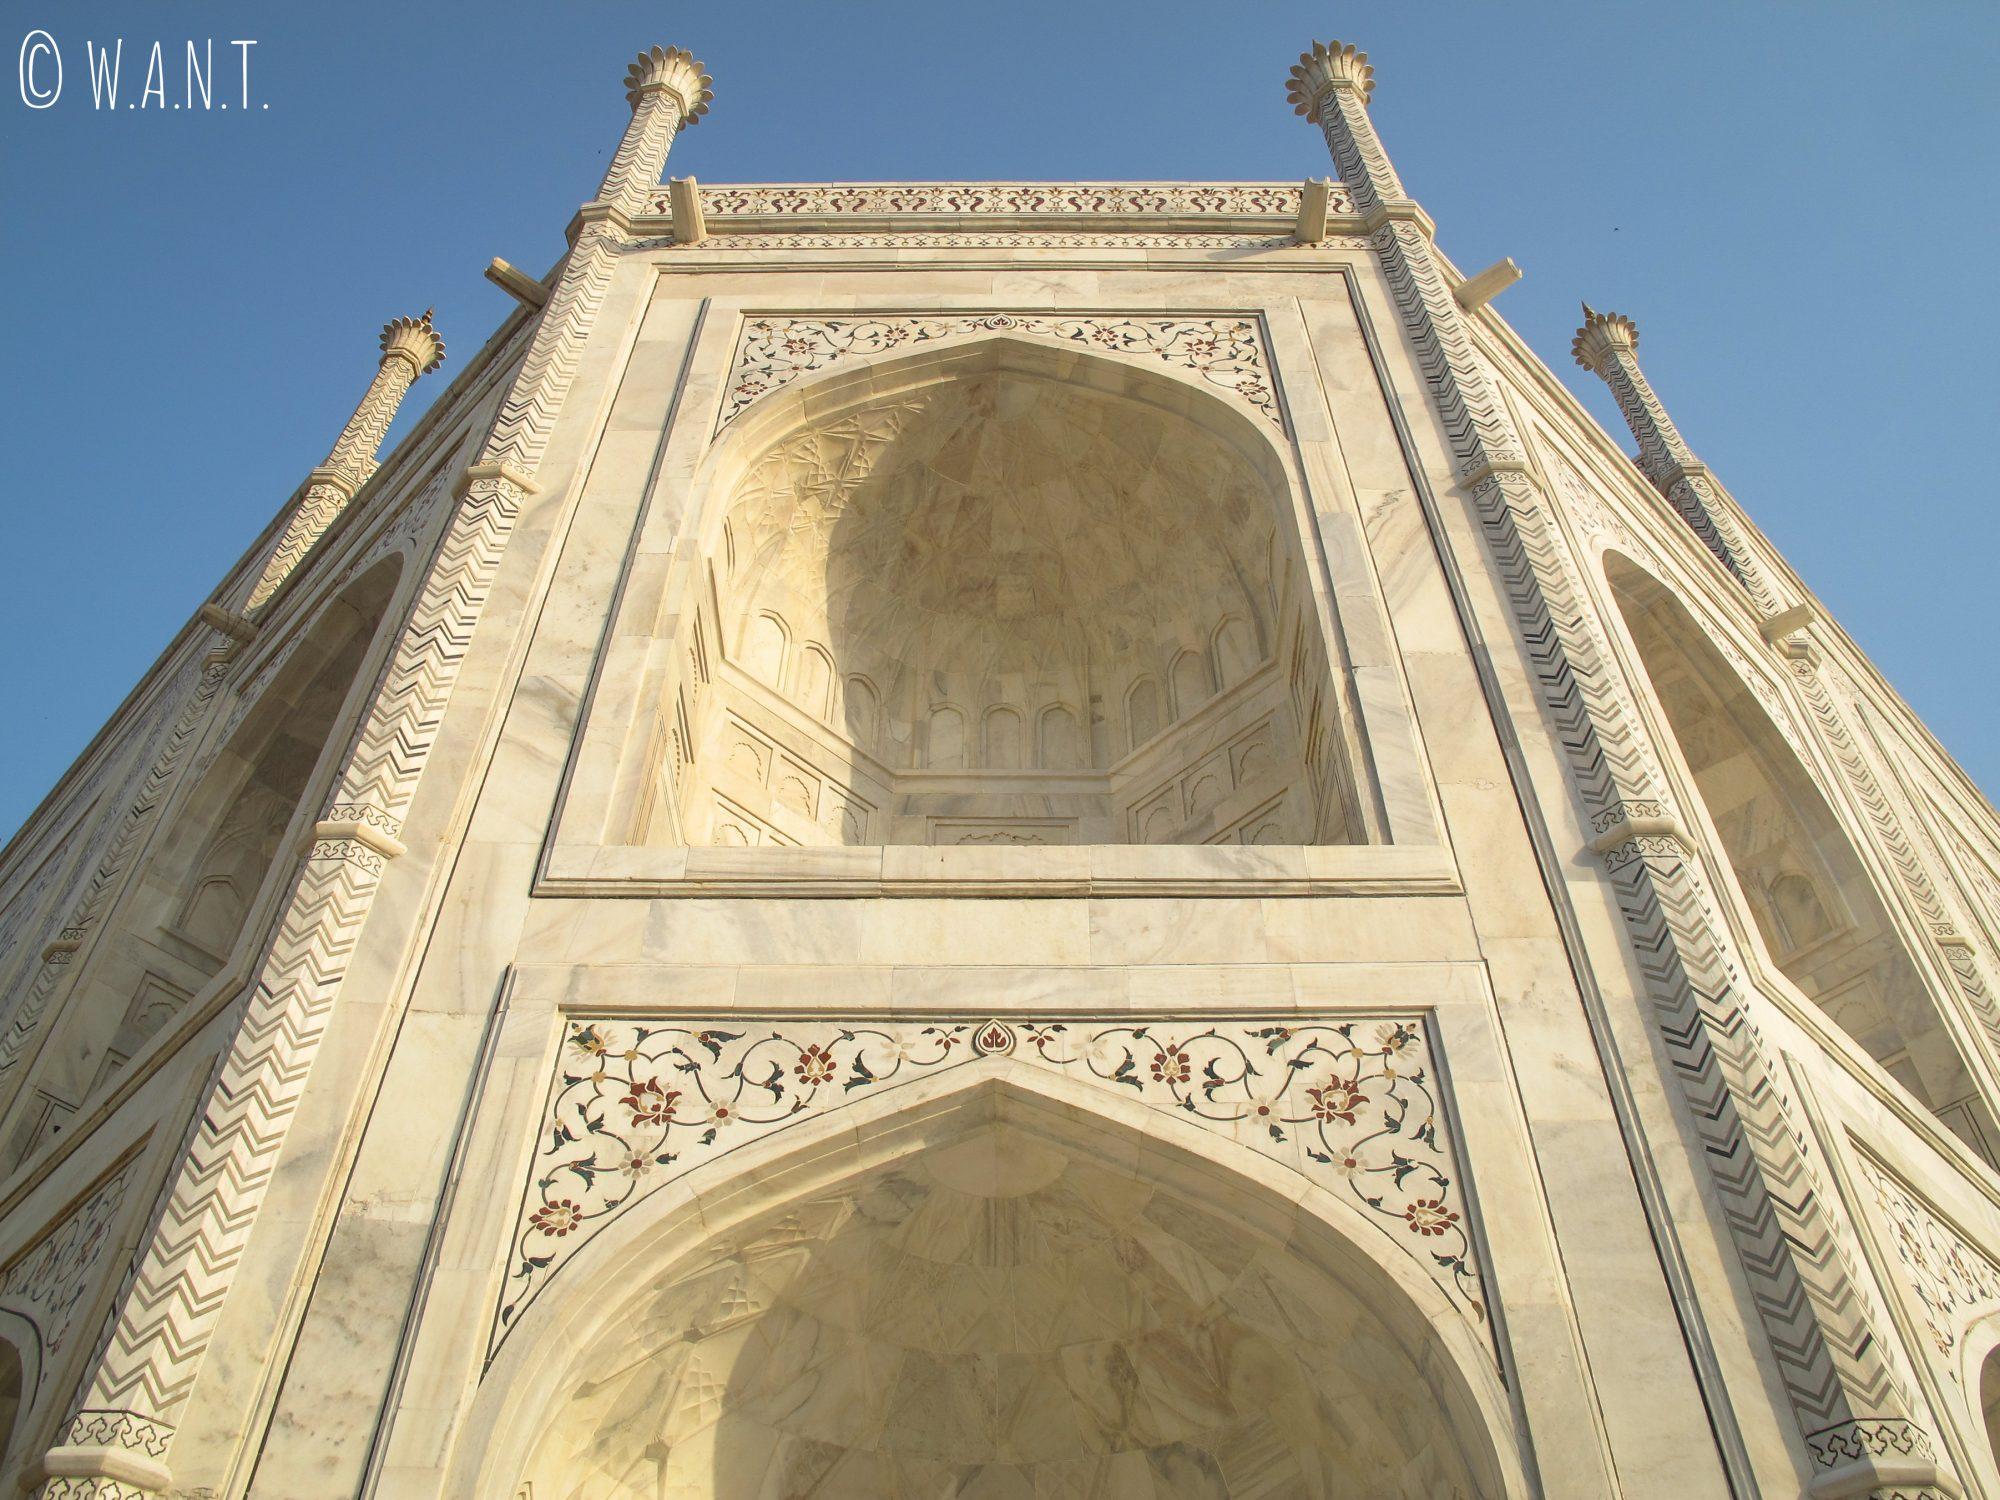 Perspective en contrebas de l'angle du Taj Mahal